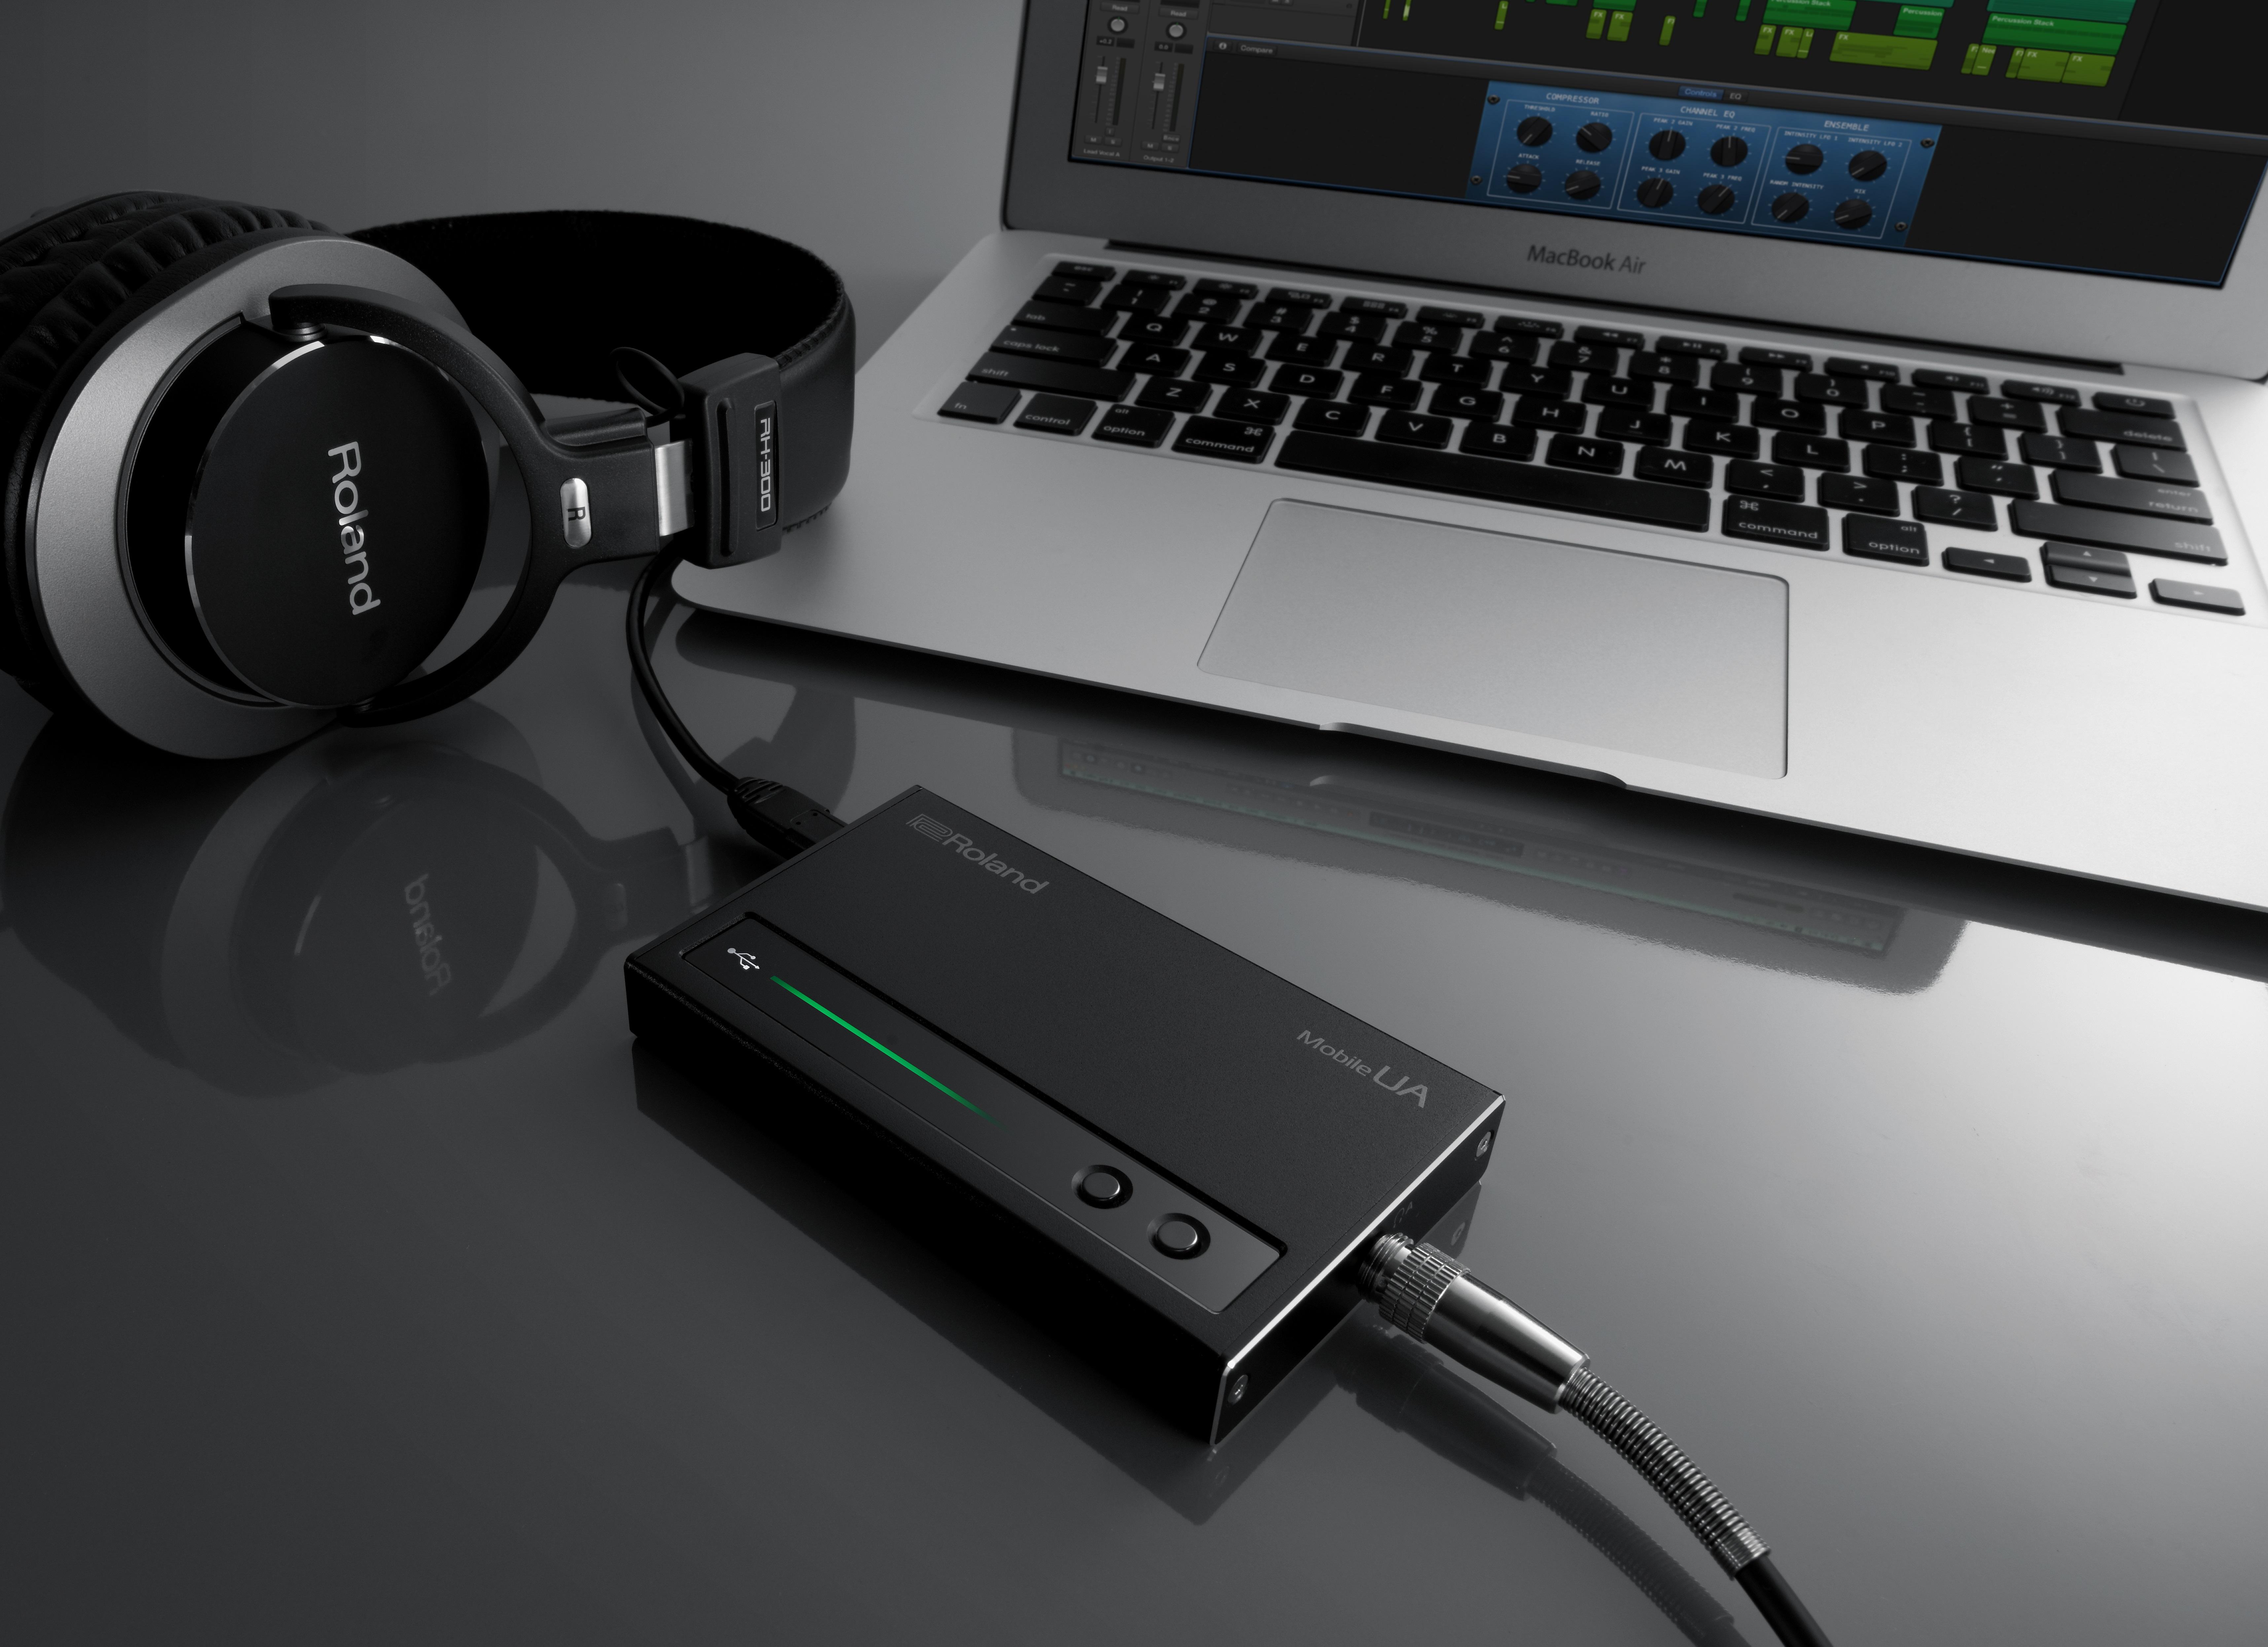 パソコン/ヘッドフォンとの接続例